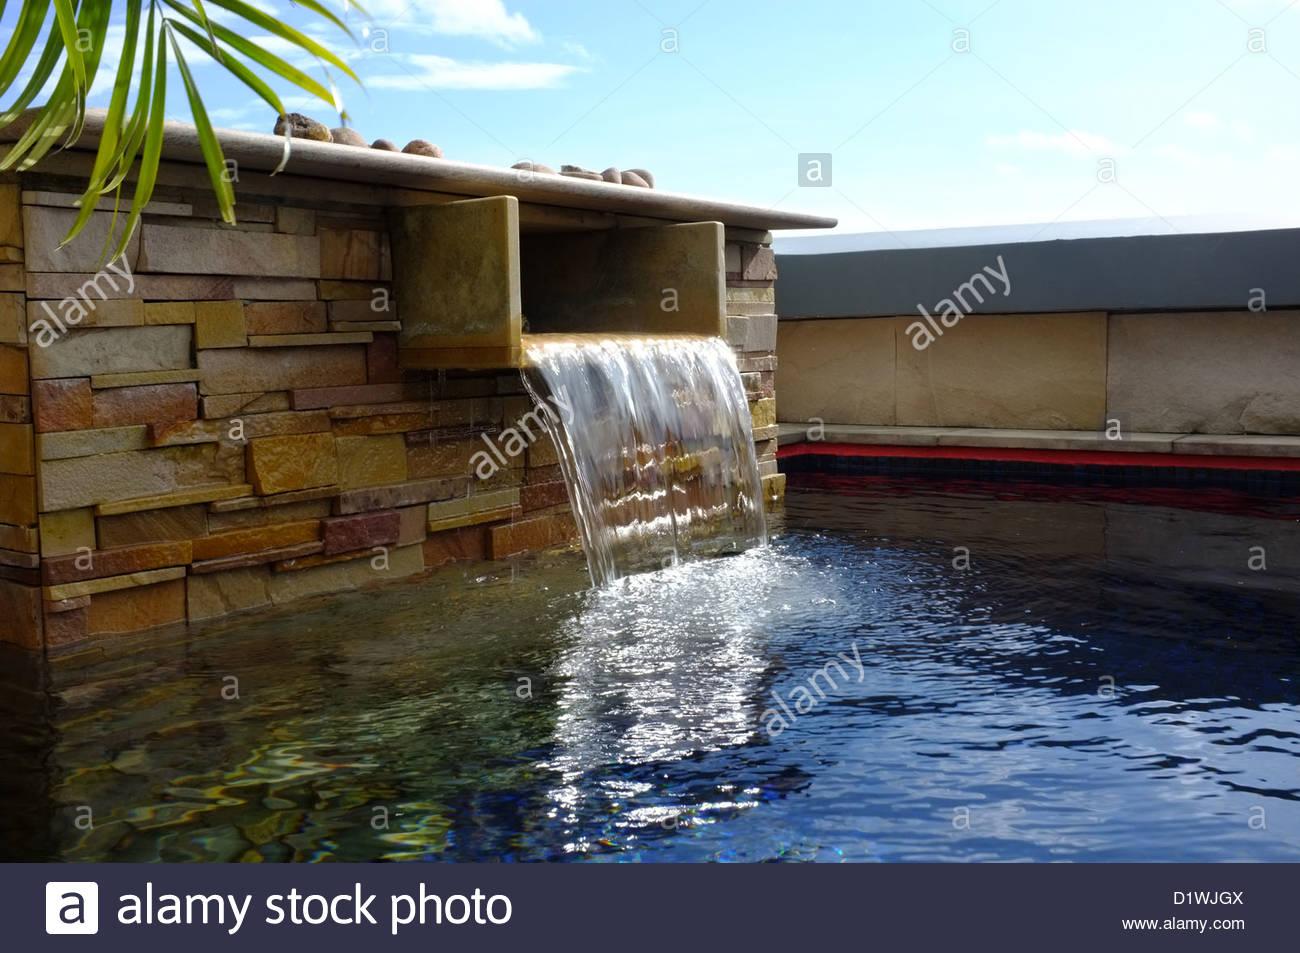 Ein Wasserspiel In Einen Pool Auf Dem Dach Von Einem  Luxus Penthouse Wohnung An Der Royal Phuket Marina Thailand